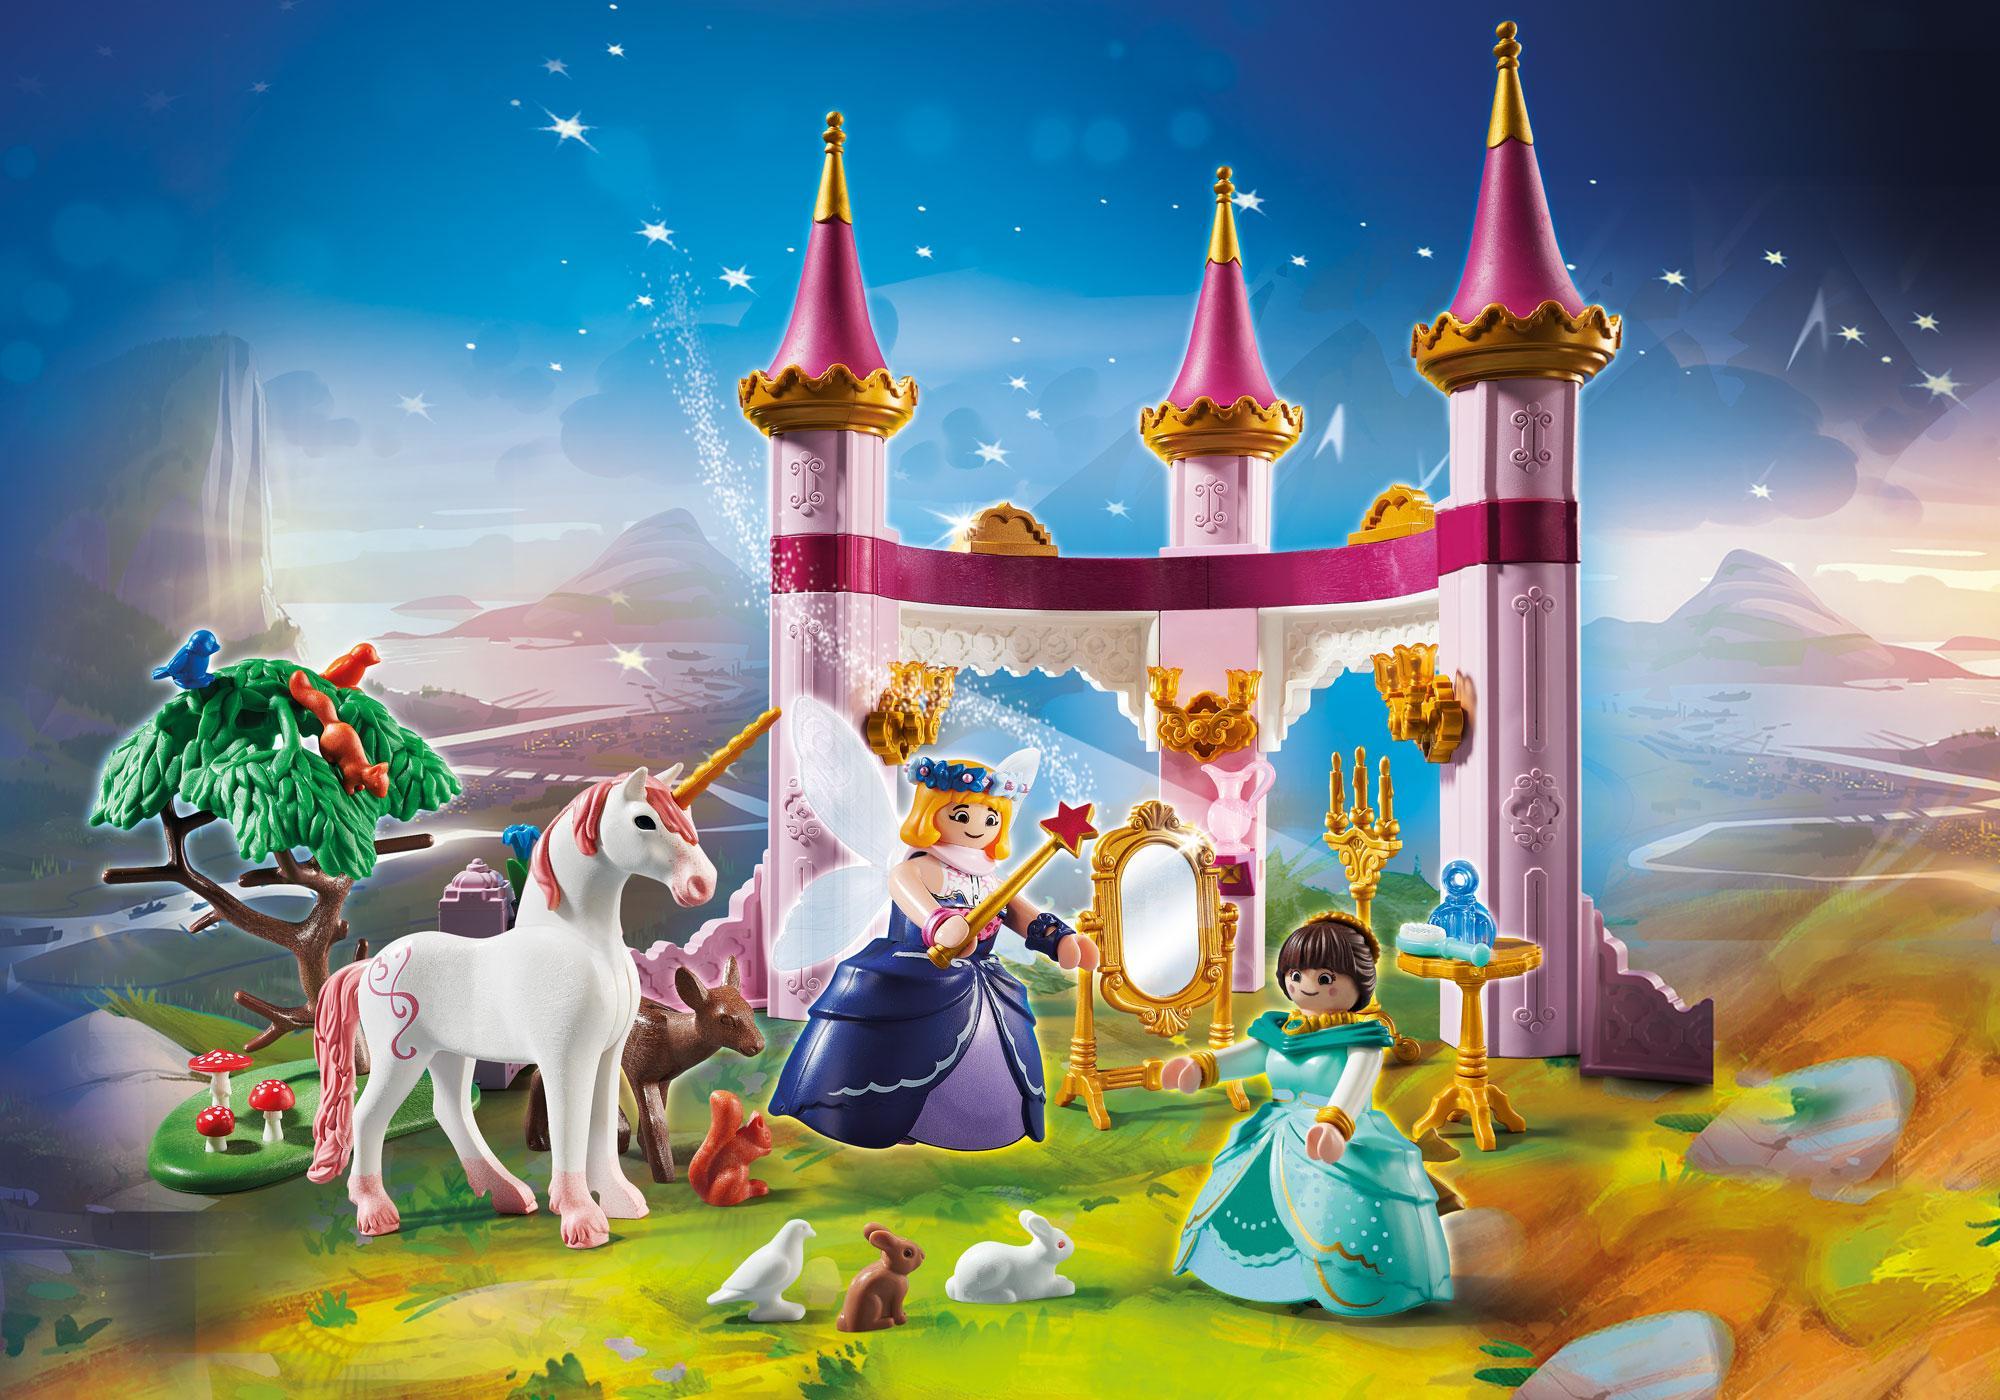 70077_product_detail/PLAYMOBIL: THE MOVIE Marla en el Palacio Cuento de Hadas